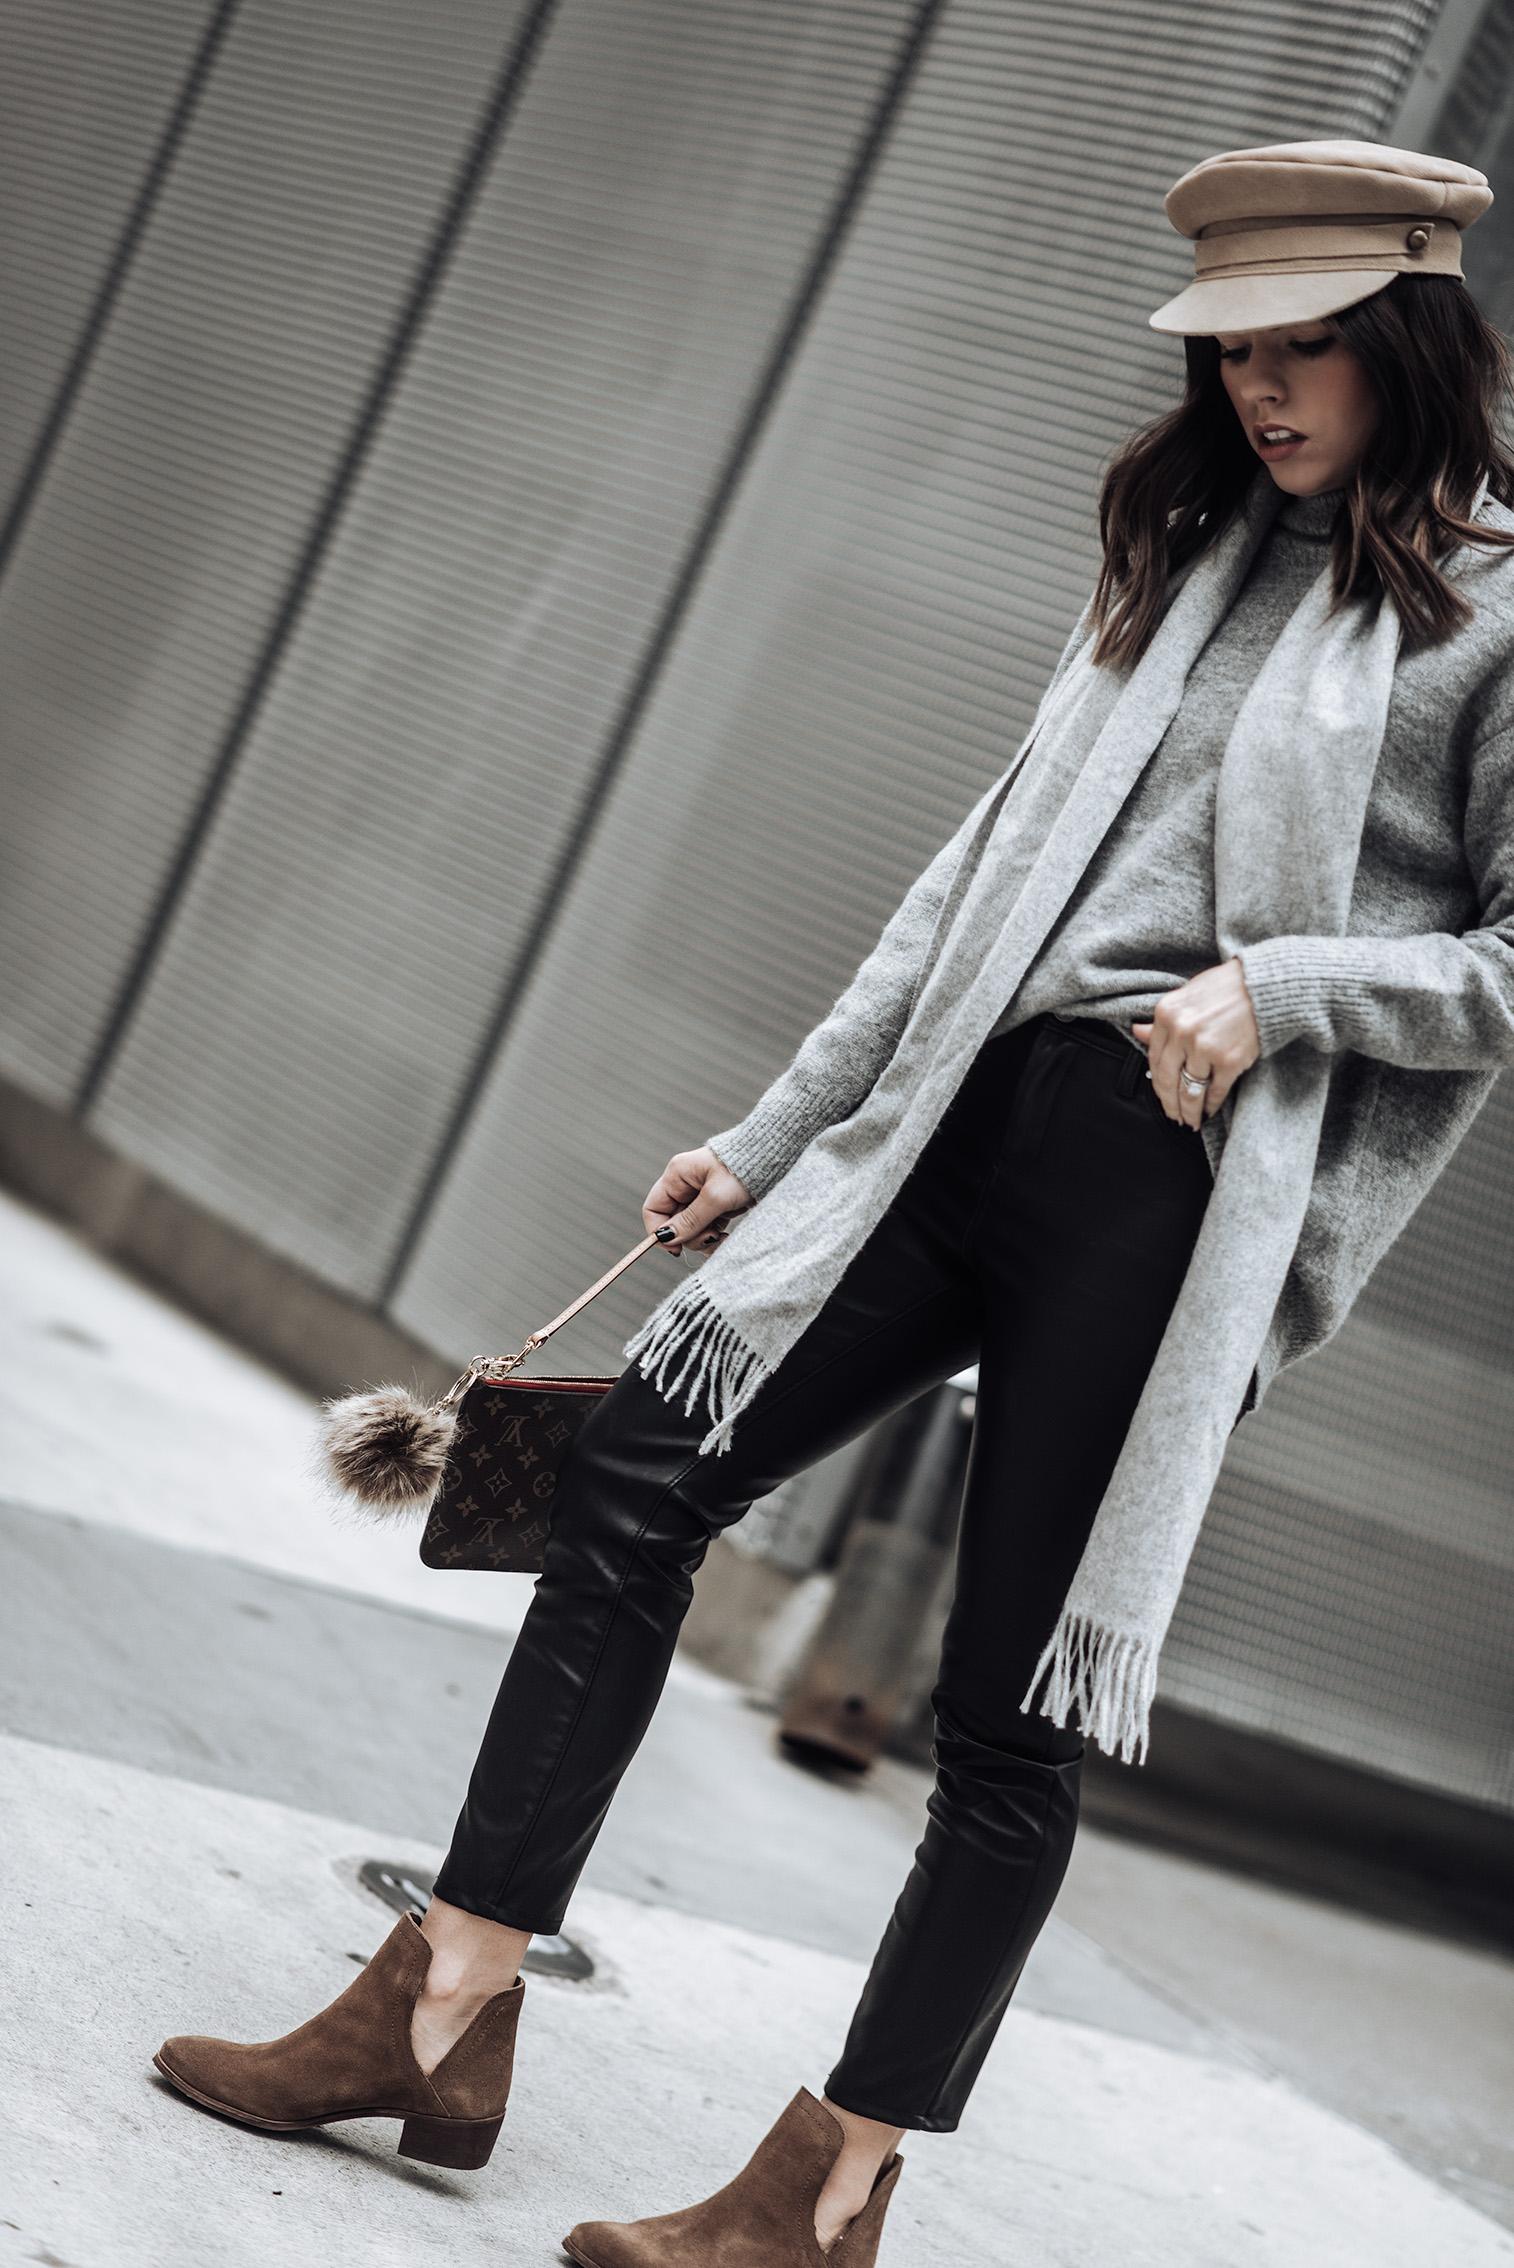 Tiffany Jais fashion and lifestyle blogger of Flaunt and Center | Houston fashion blogger | Friday Feels | Streetstyle blog | #blog #rstreetstyle